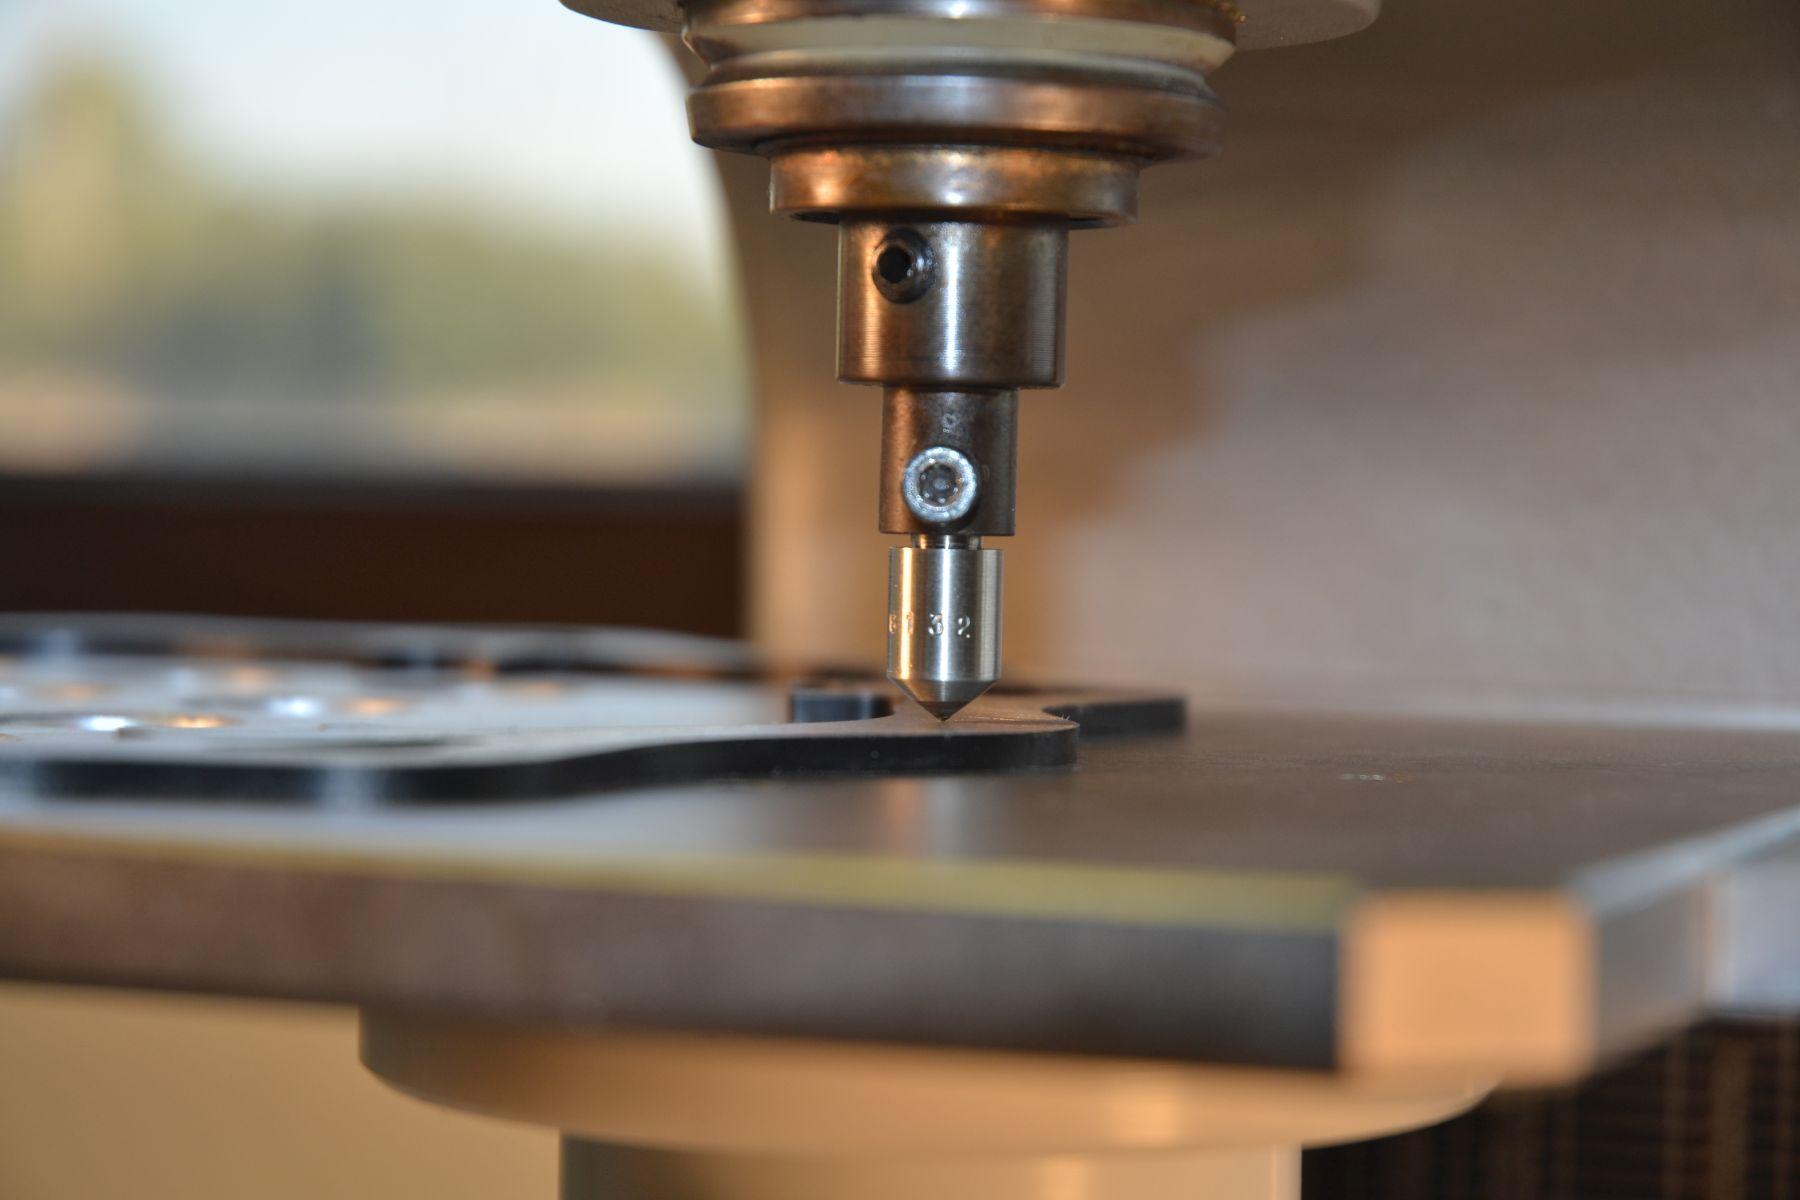 La zona de control de calidad ocupa un papel destacado en sus instalaciones